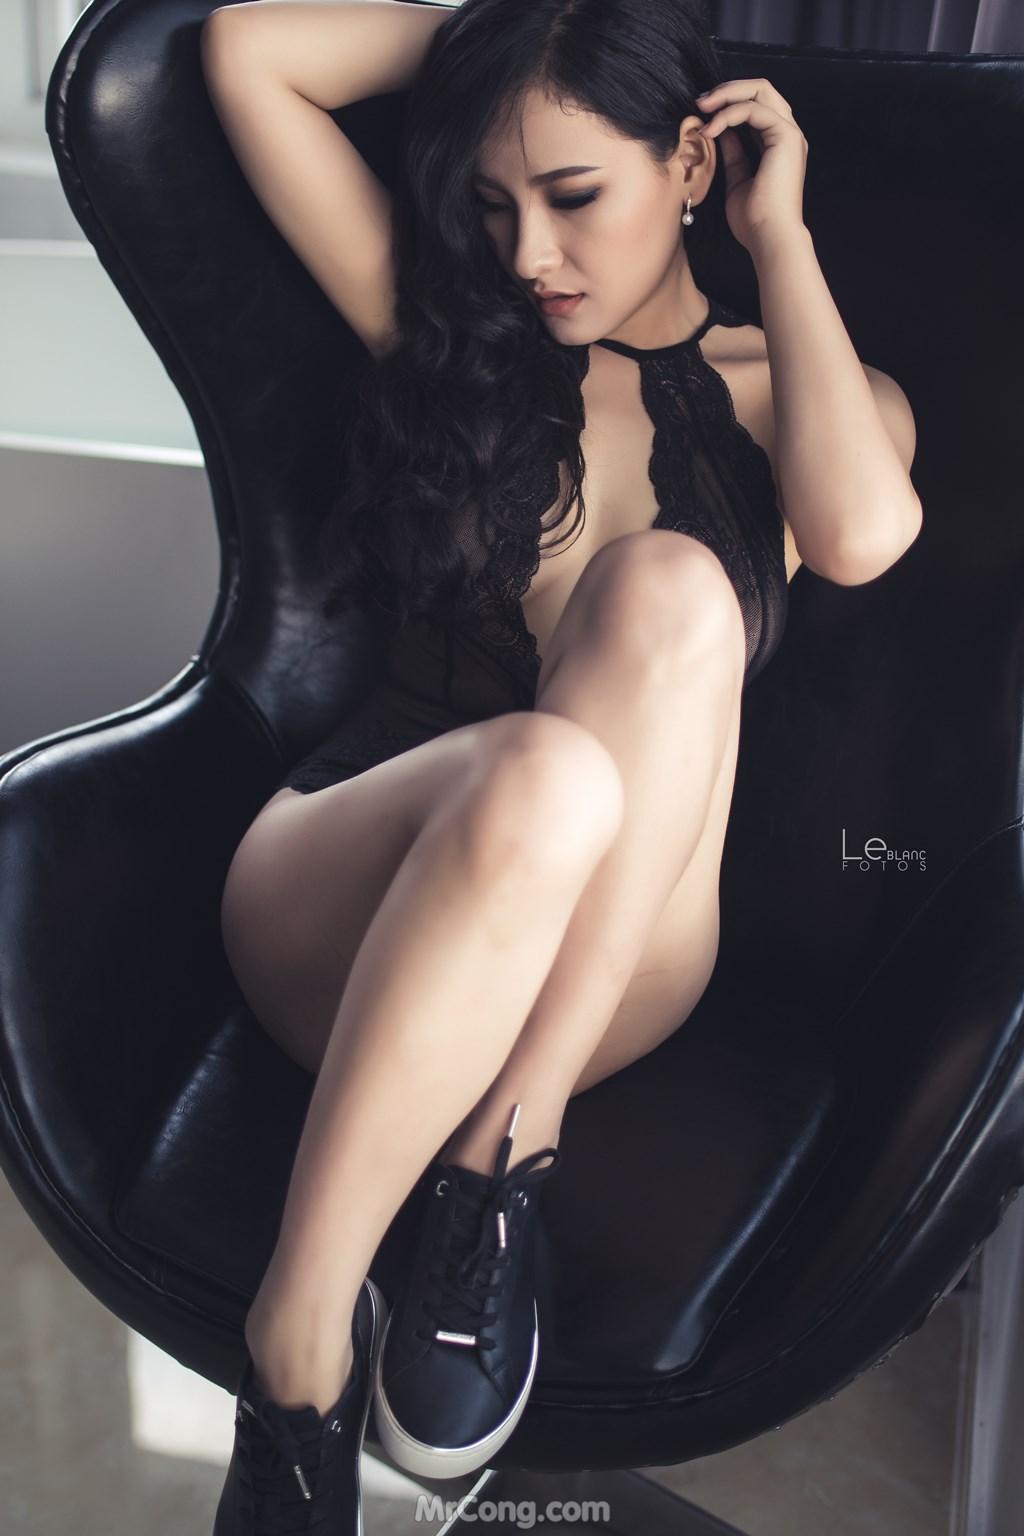 Image Sexy-Vietnamese-Models-by-Le-Blanc-Studio-Phan-3-MrCong.com-020 in post Những bức ảnh nội y, bikini siêu nóng bỏng của Le Blanc Studio – Phần 3 (446 ảnh)